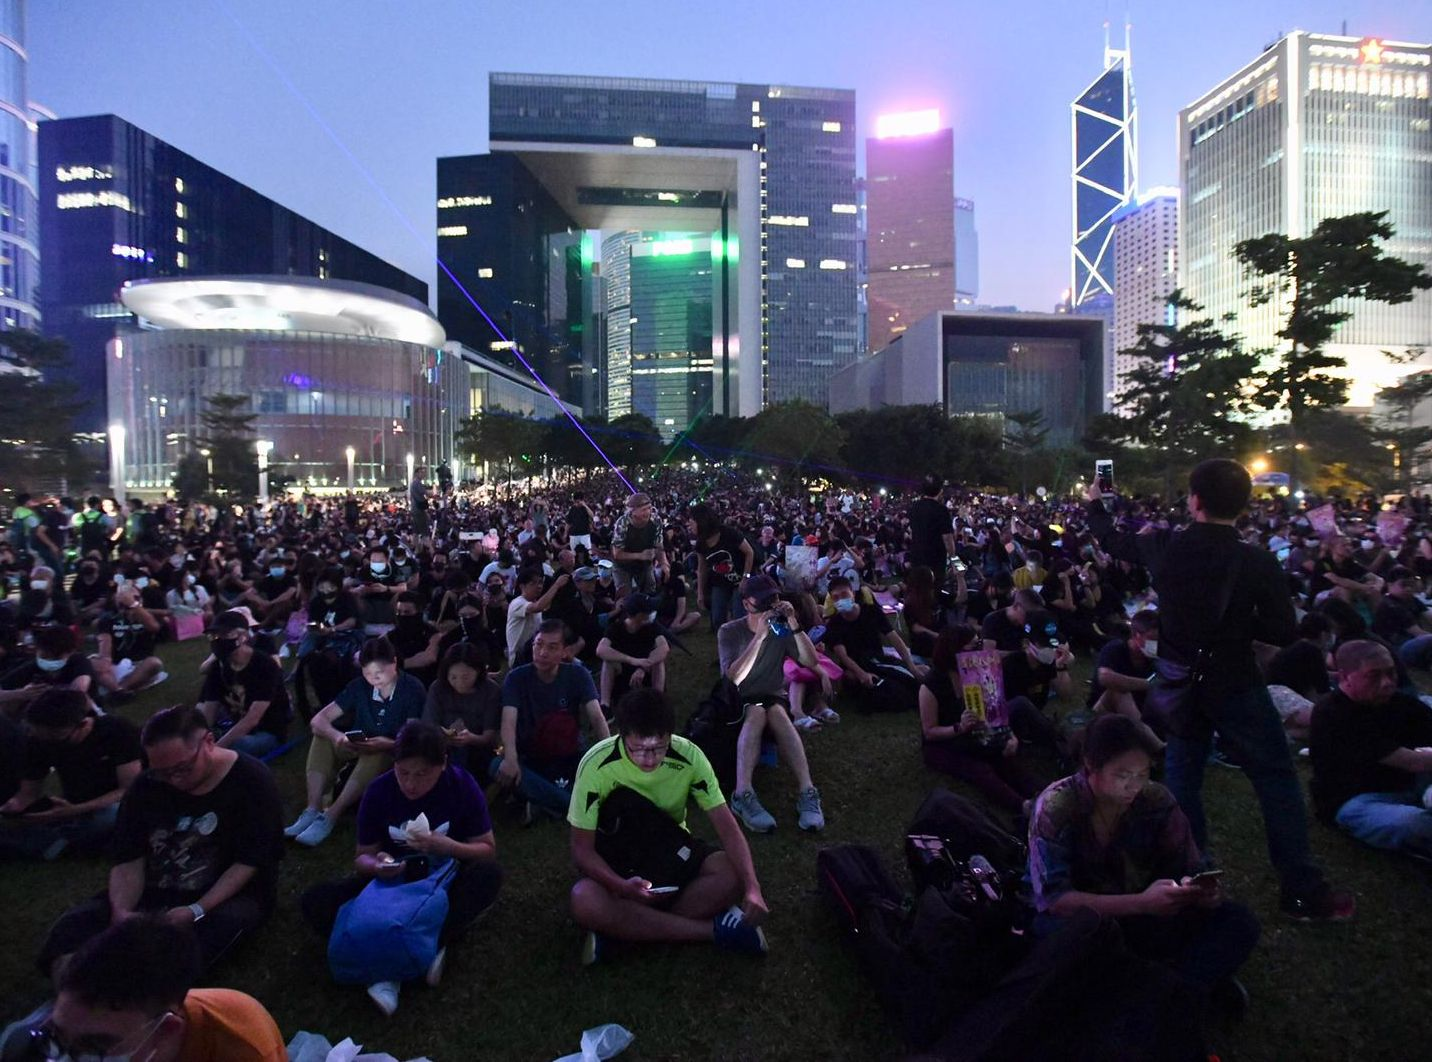 【修例風波】民陣:添馬公園集會提早結束 料20至30萬人參與